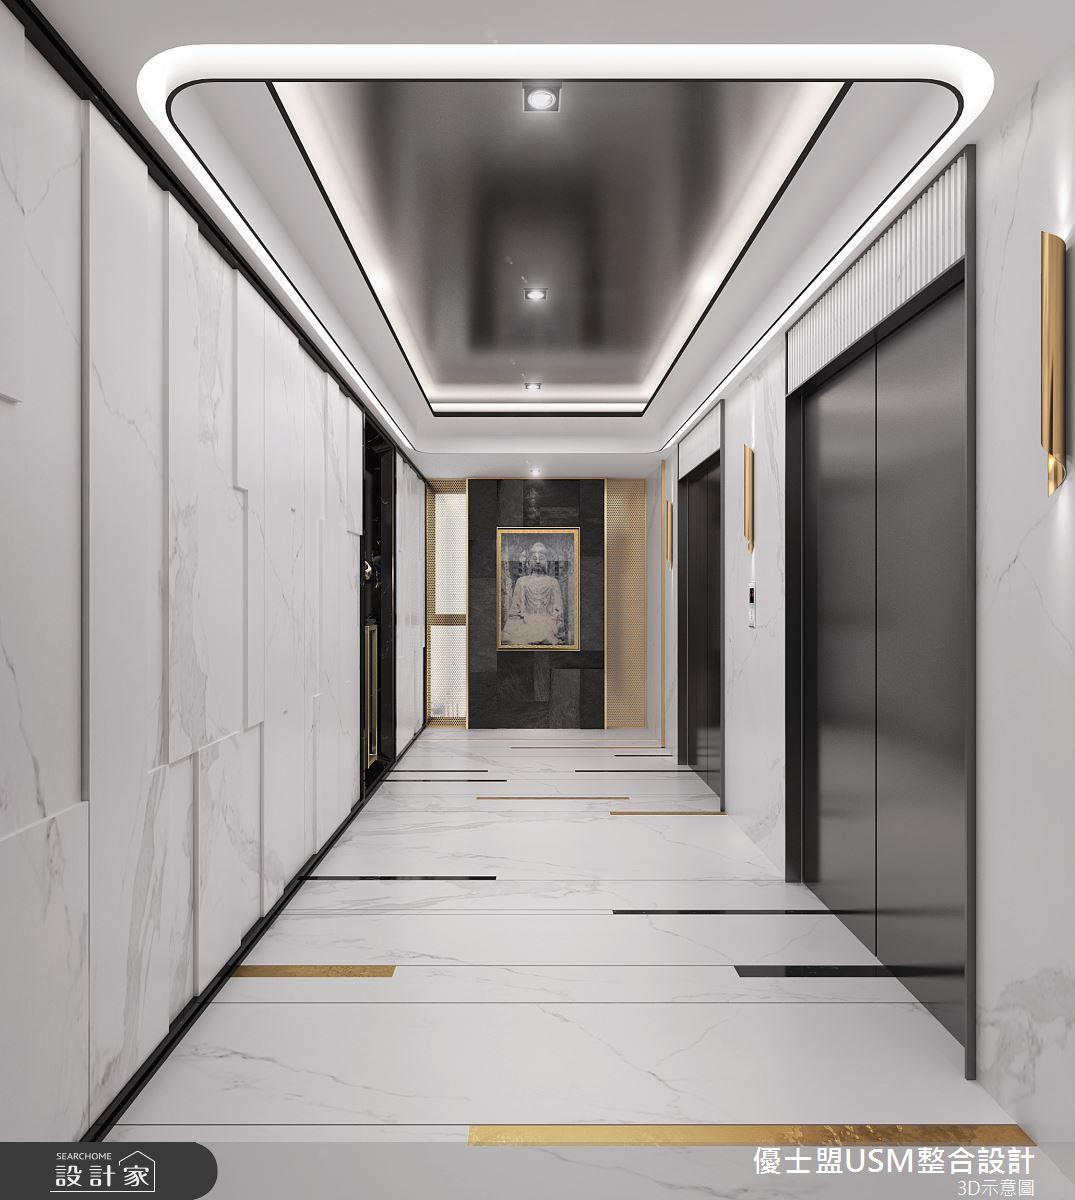 90坪新成屋(5年以下)_奢華風案例圖片_優士盟整合設計有限公司_優士盟_29之3